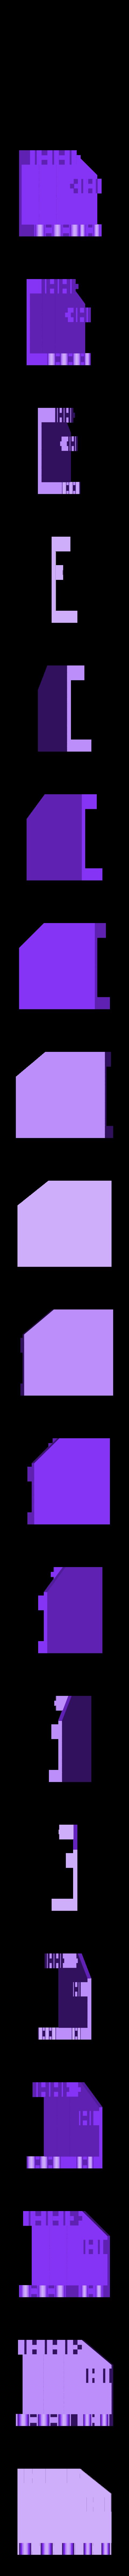 knife_rack2.stl Télécharger fichier STL gratuit Porte-couteaux • Design pour imprimante 3D, Jeypera3D